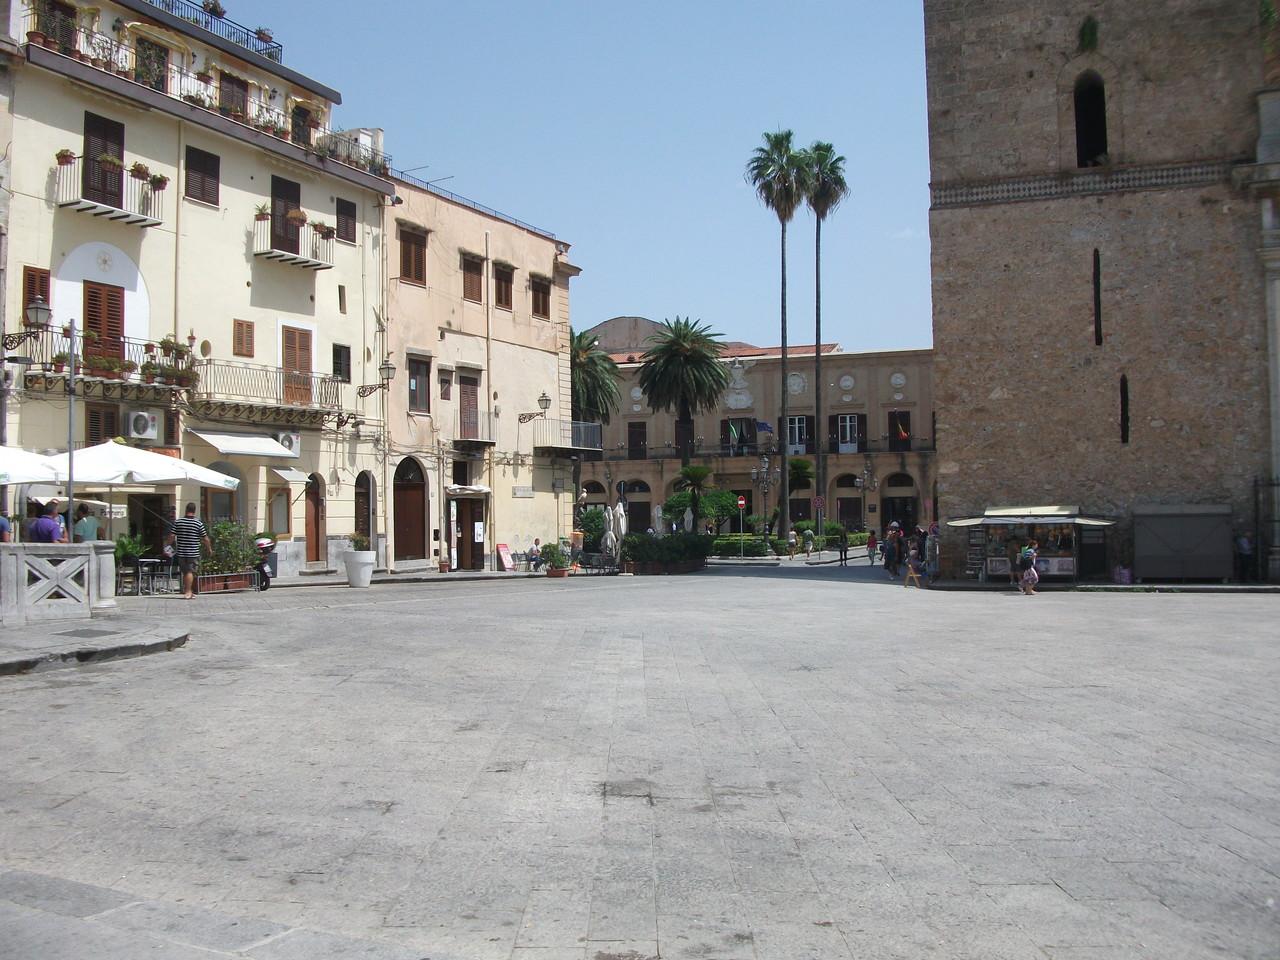 La piazza del duomo a Monreale